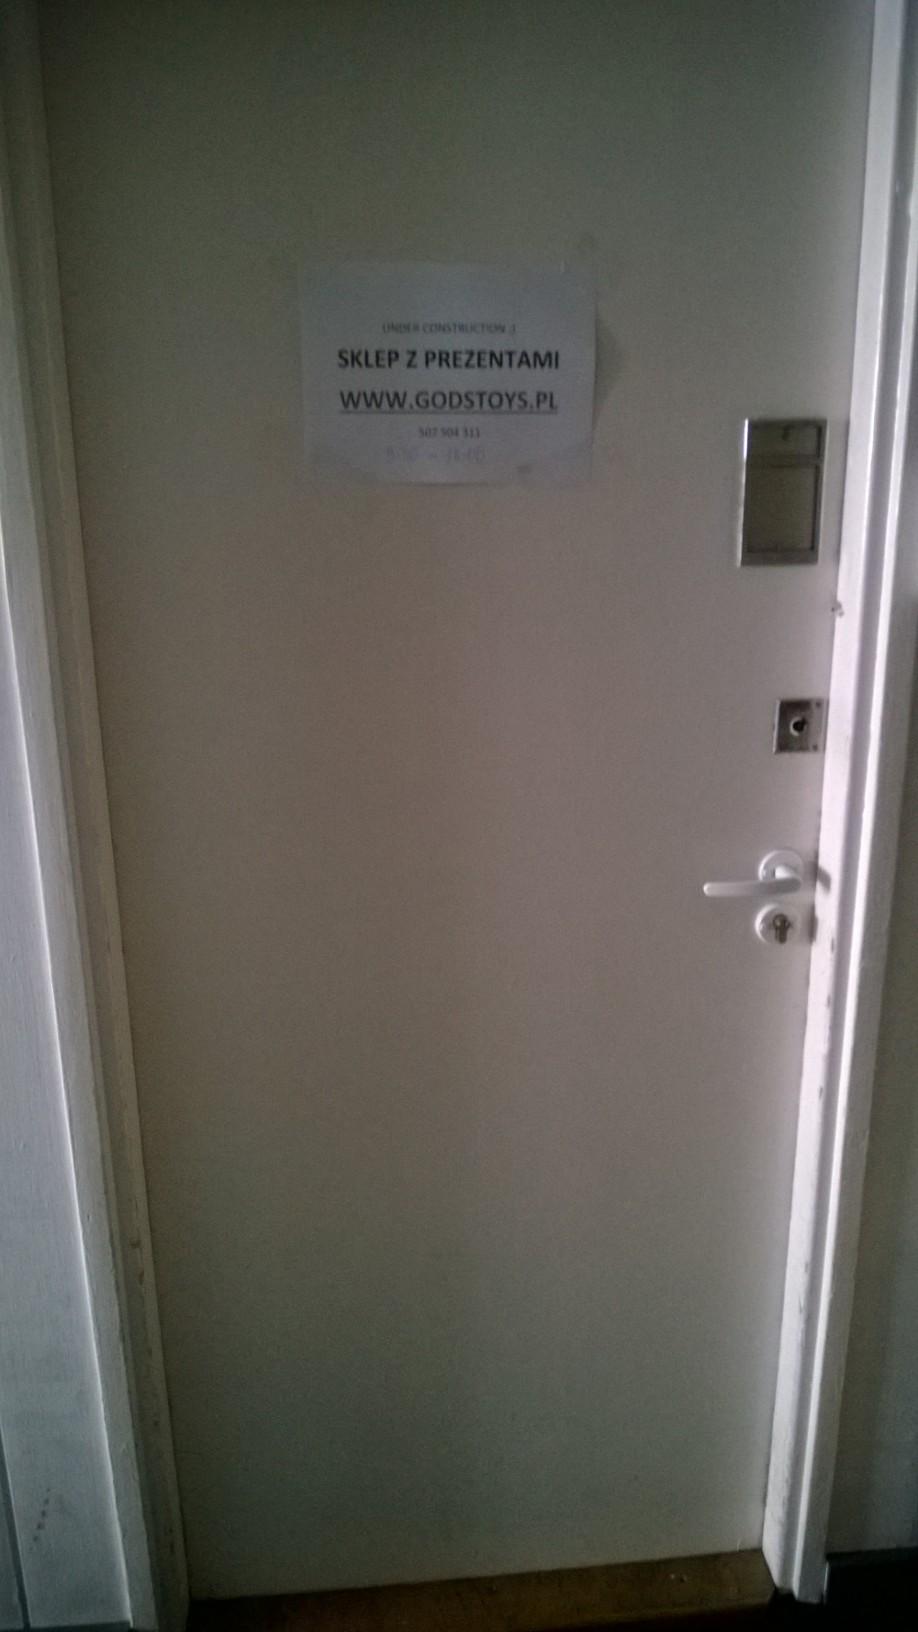 Drzwi do Sklepu z Prezentami GodsToys.pl niecały miesiąc po otwarciu